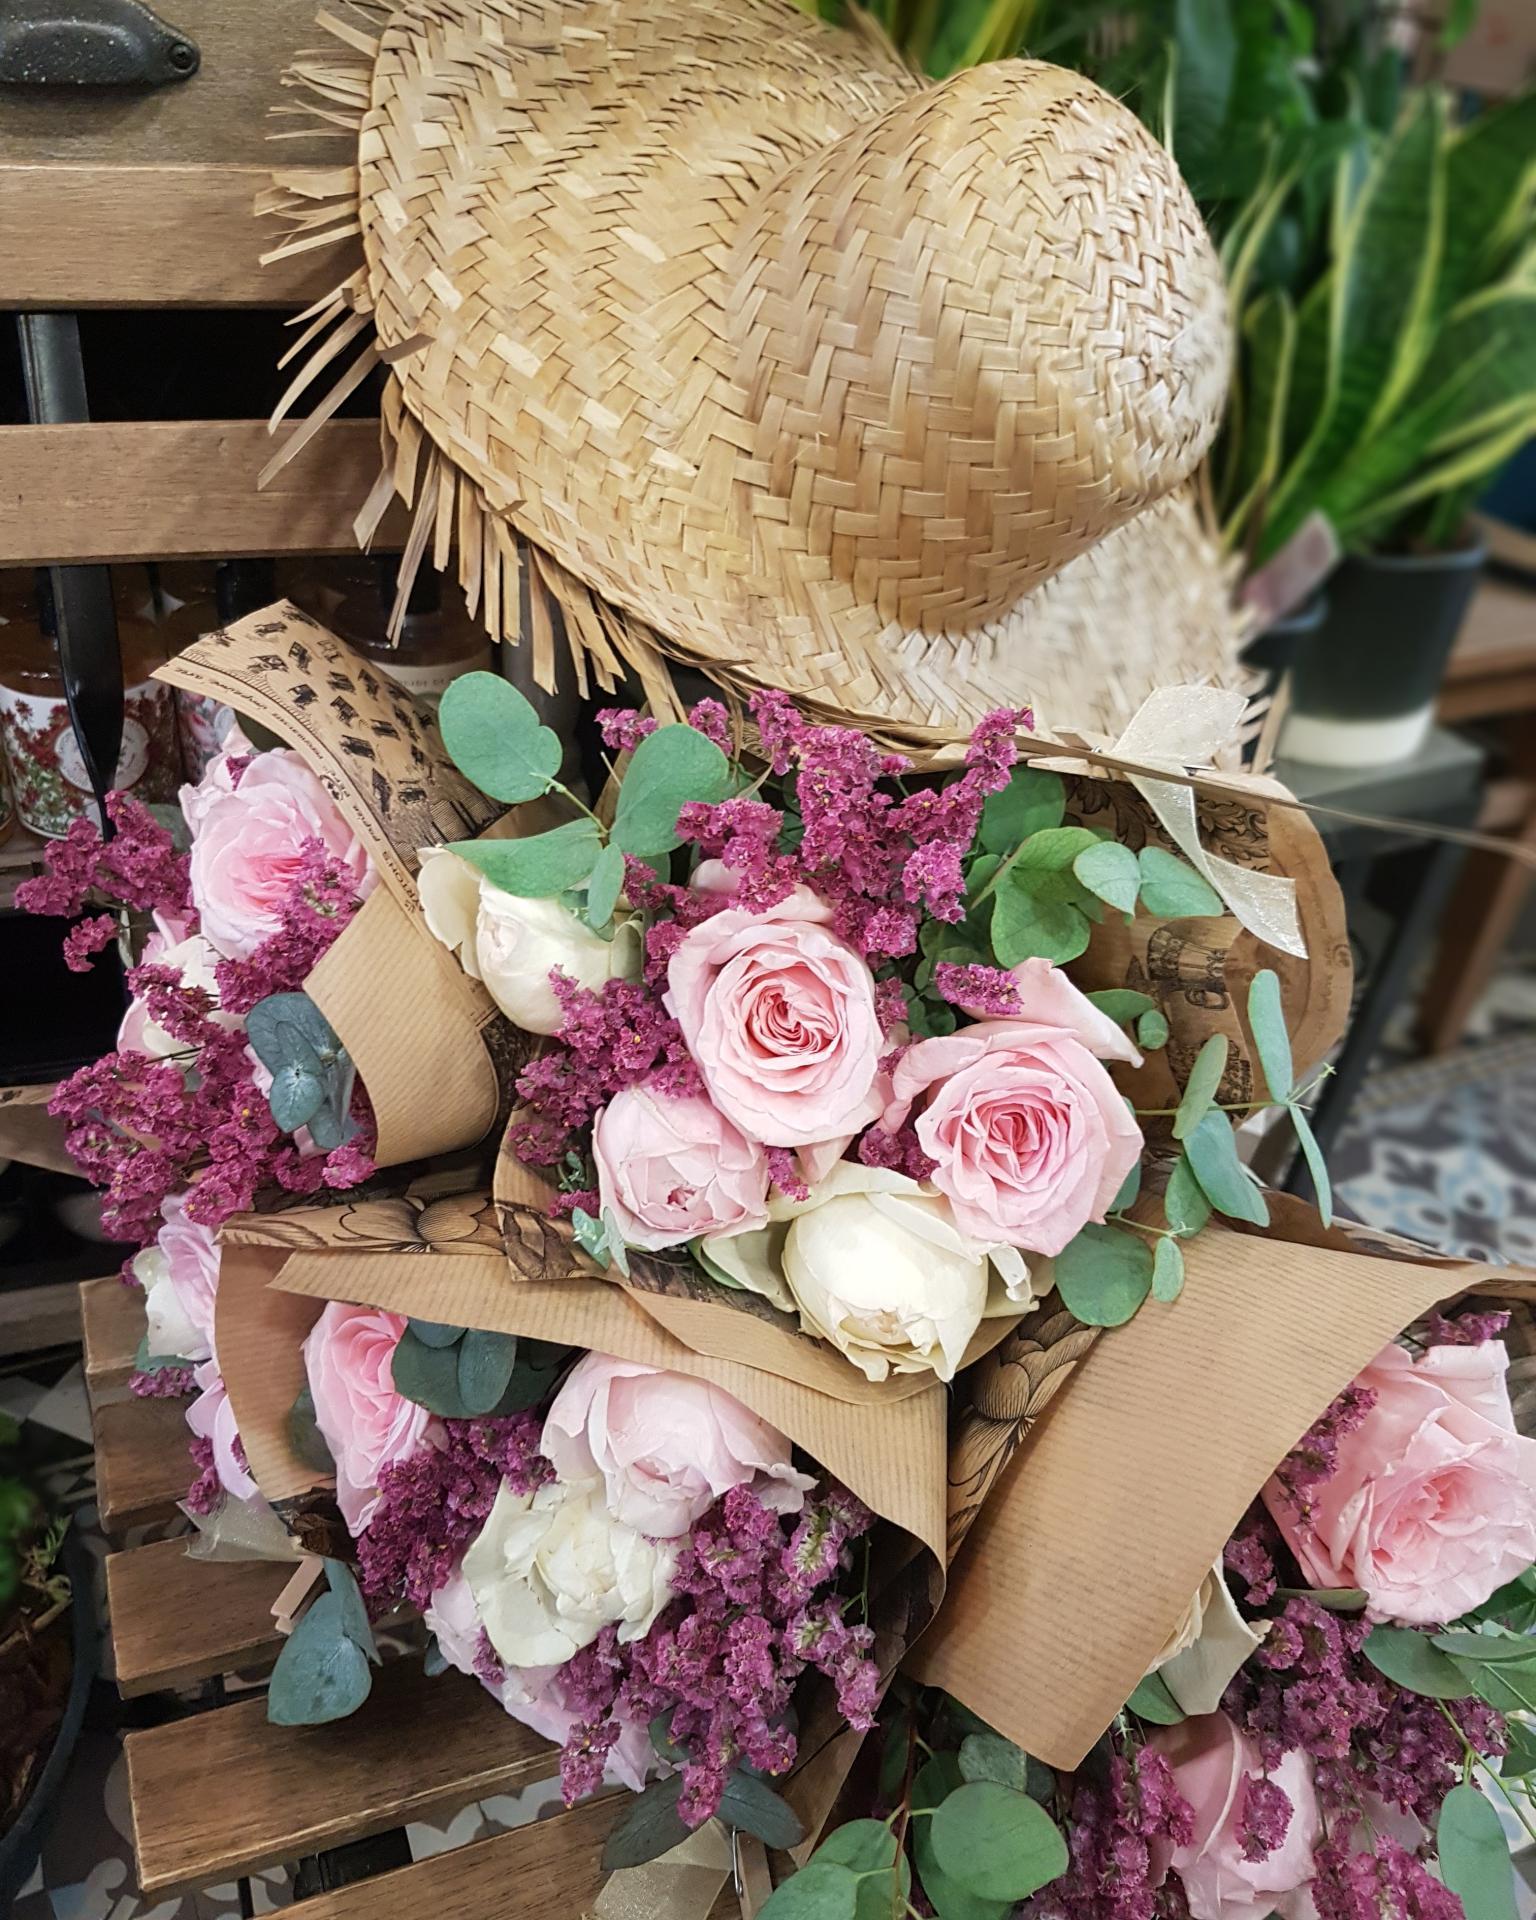 Le bouquet de roses parfumées avec son eucalyptus Hé fleur et moi fleuriste de Valenciennes bouquet